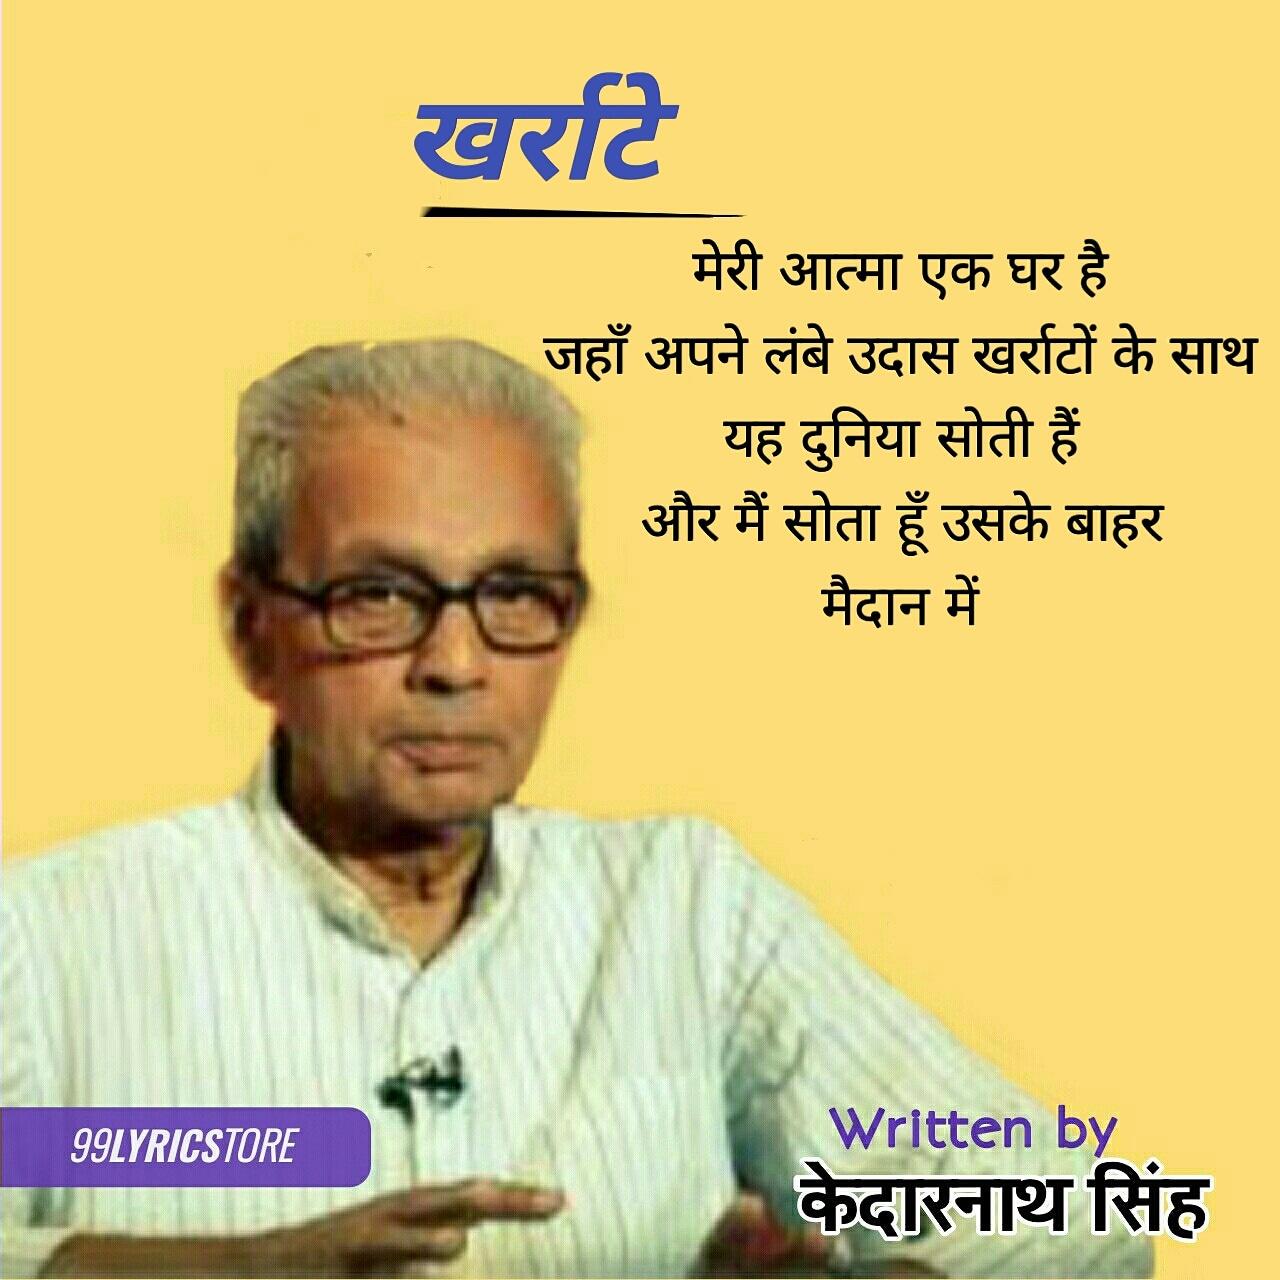 """'खर्राटे"""" कविता केदारनाथ सिंह जी द्वारा लिखी गई एक हिन्दी कविता है। खर्राटे' केदारनाथ सिंह जी द्वारा लिखी गई  एक हिन्दी कविता है जो 'उत्तर कबीर और अन्य कविताएँ' नामक काव्य संग्रह में सम्मिलित है। इस कविता में केदार जी ने अपने खर्राटे लेने का जिक्र किया है।"""